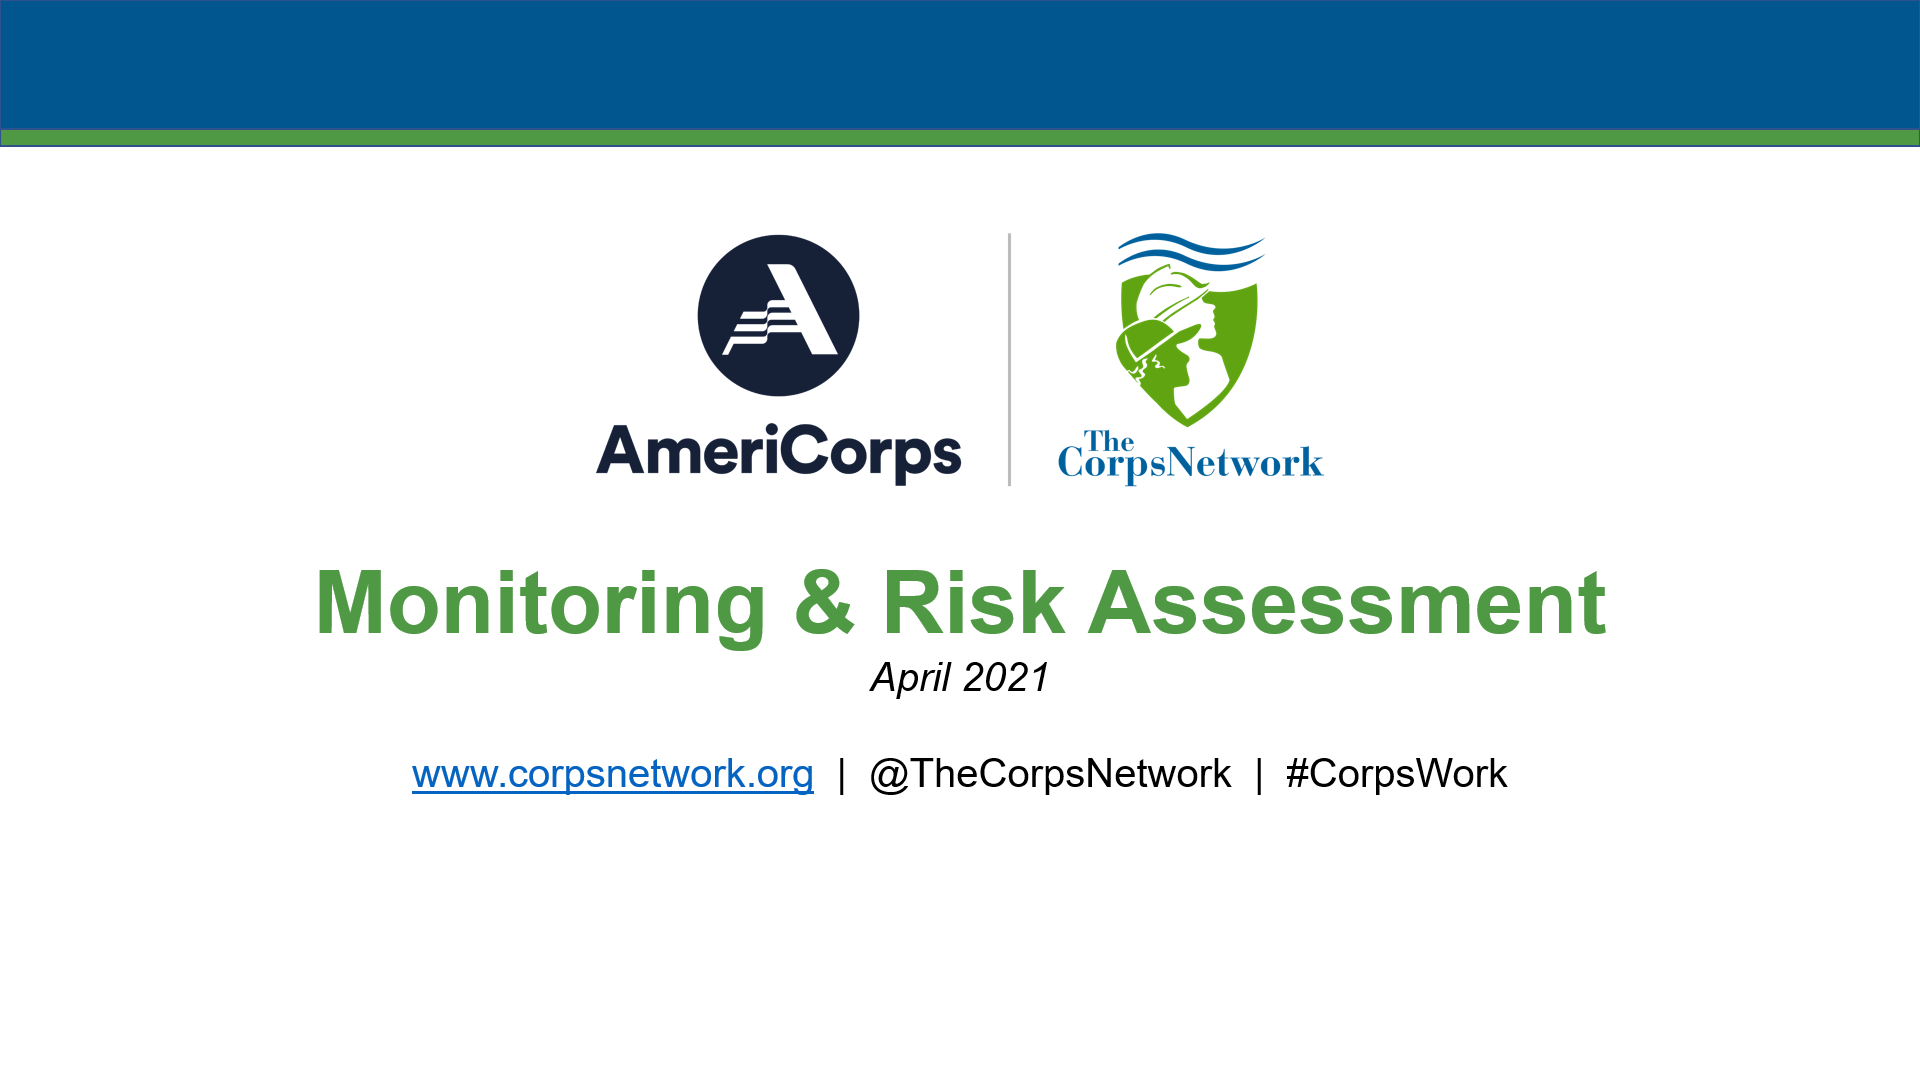 Monitoring & Risk Assessment